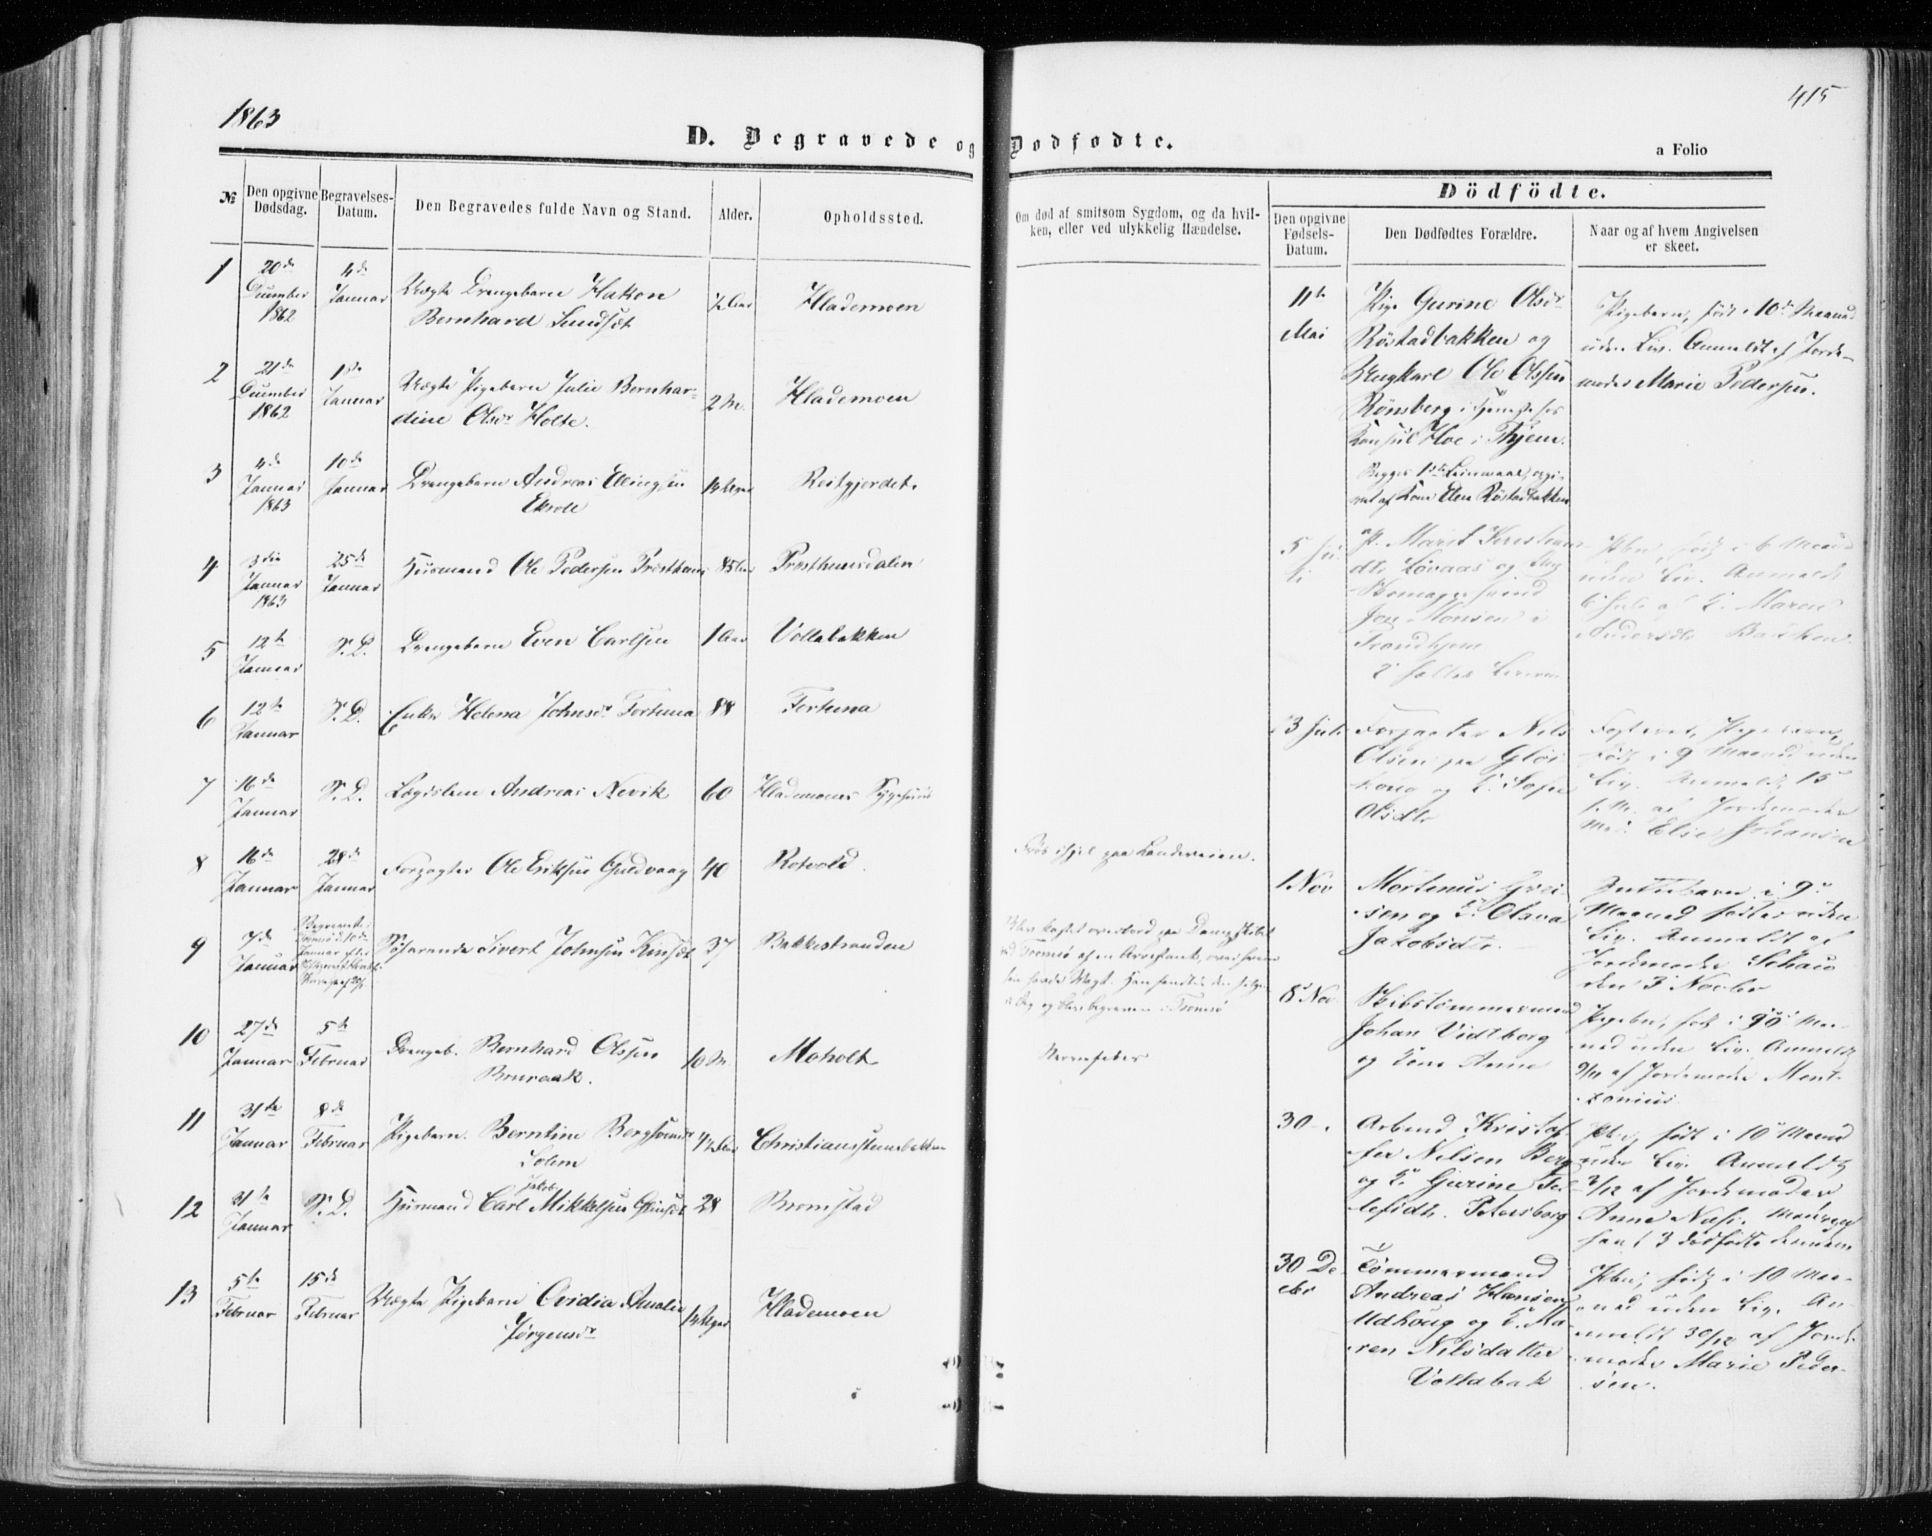 SAT, Ministerialprotokoller, klokkerbøker og fødselsregistre - Sør-Trøndelag, 606/L0292: Ministerialbok nr. 606A07, 1856-1865, s. 415